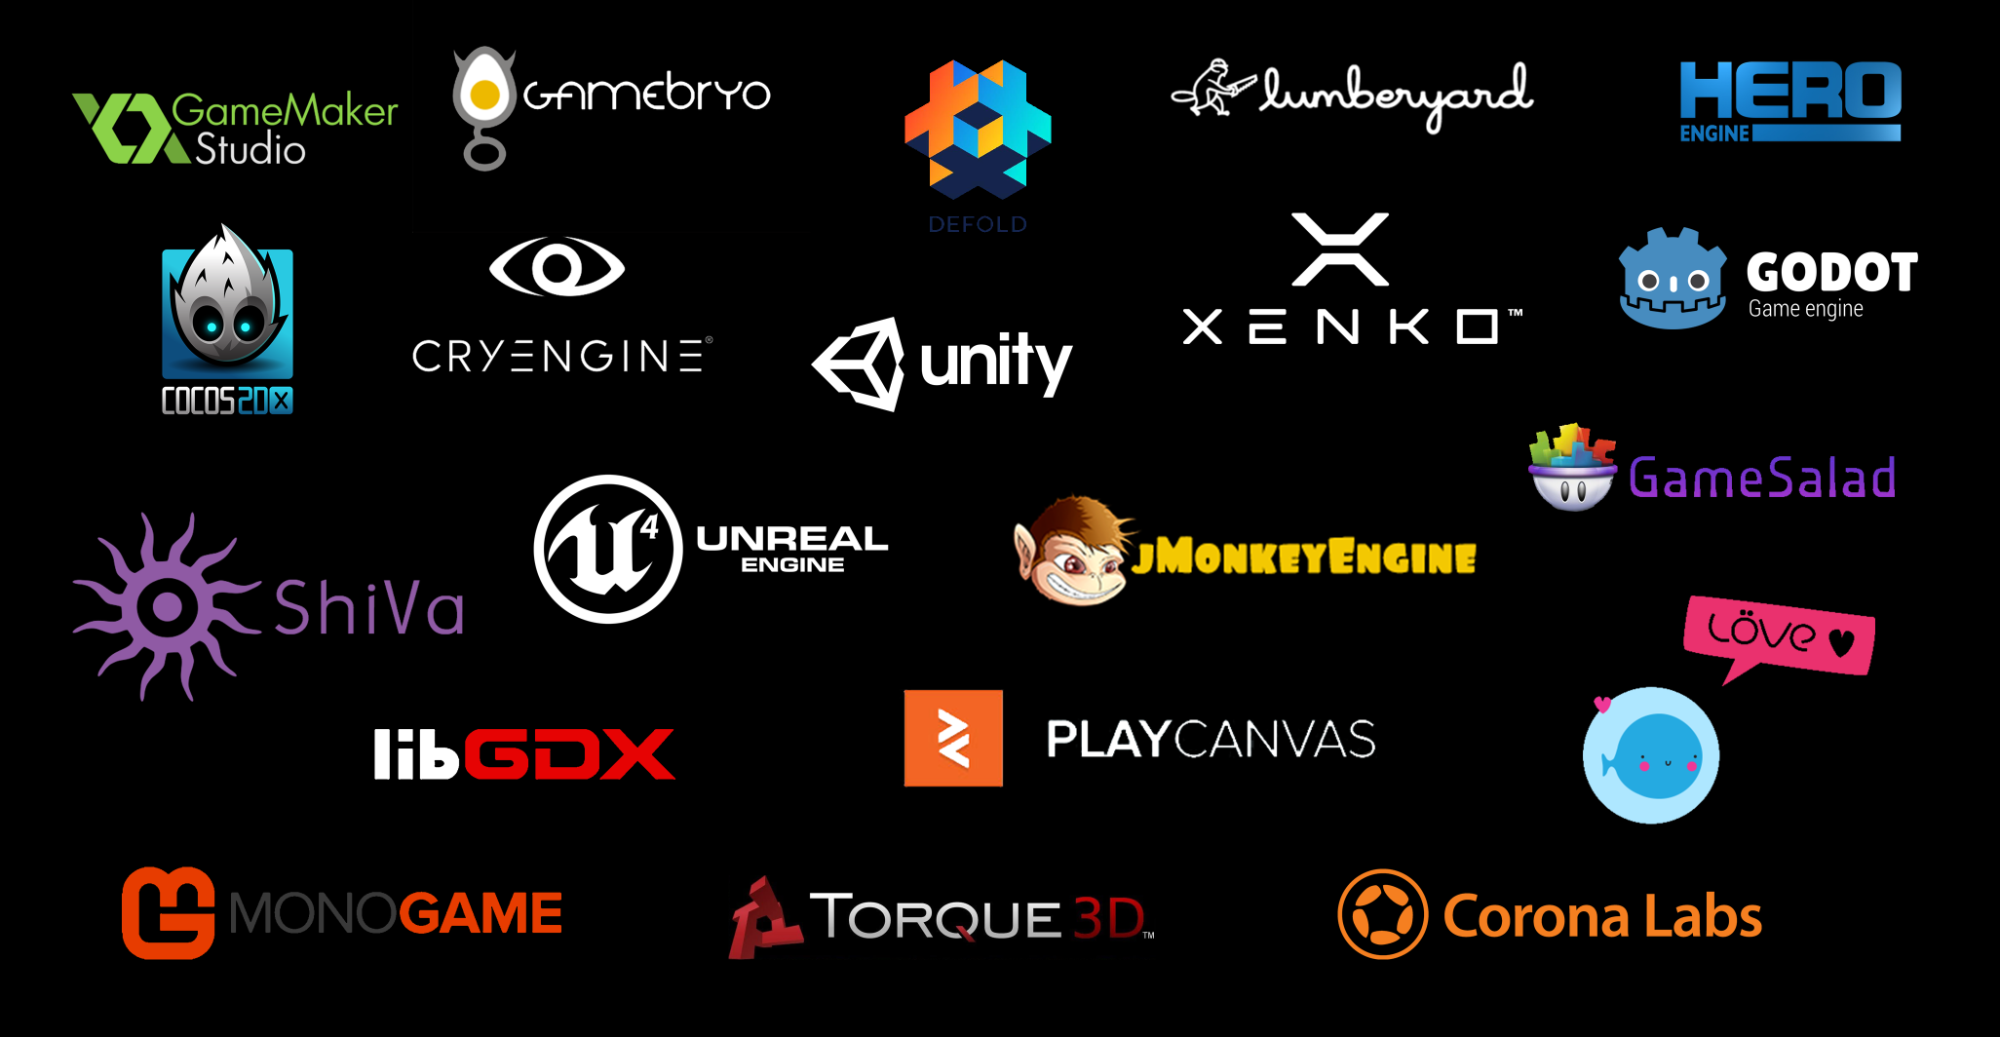 Há uma boa quantidade de (excelentes) motores de jogos, e vamos saber mais sobre os principais em um artigo futuro.